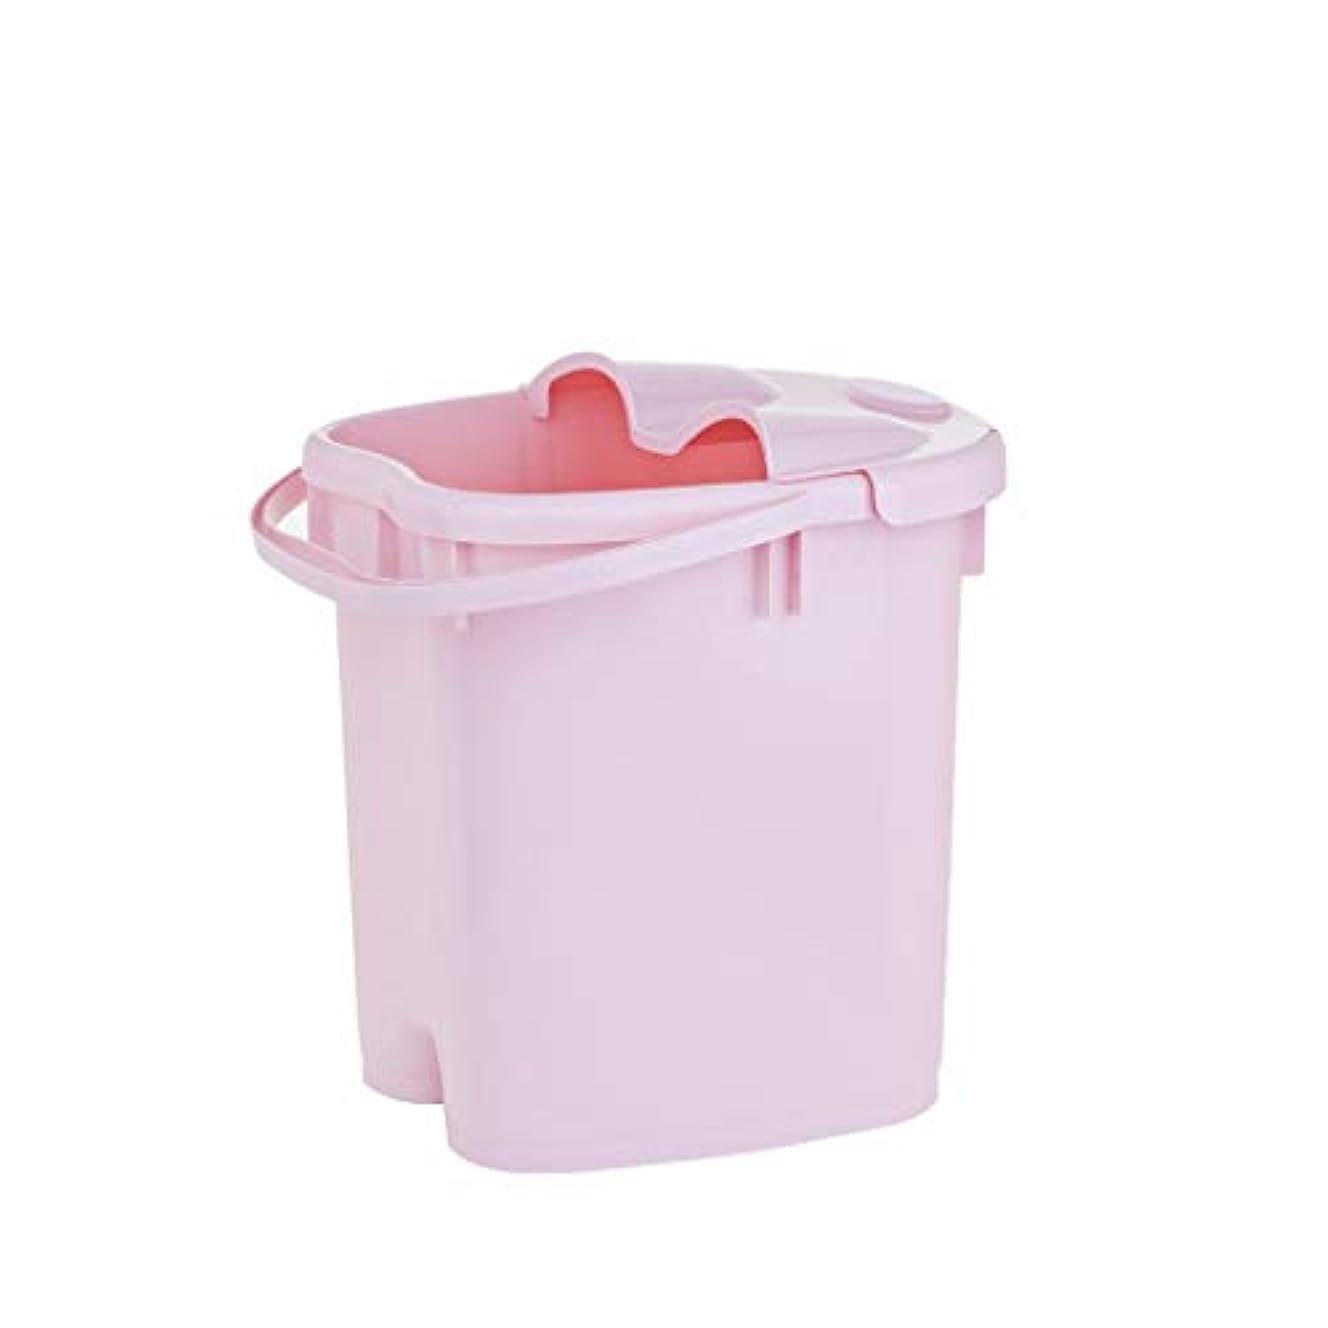 男やもめ反乱スリラーフットバスバレル- ?AMT携帯用高まりのマッサージの浴槽のふたの熱保存のフィートの洗面器の世帯が付いている大人のフットバスのバケツ Relax foot (色 : Pink, サイズ さいず : 39cm high)